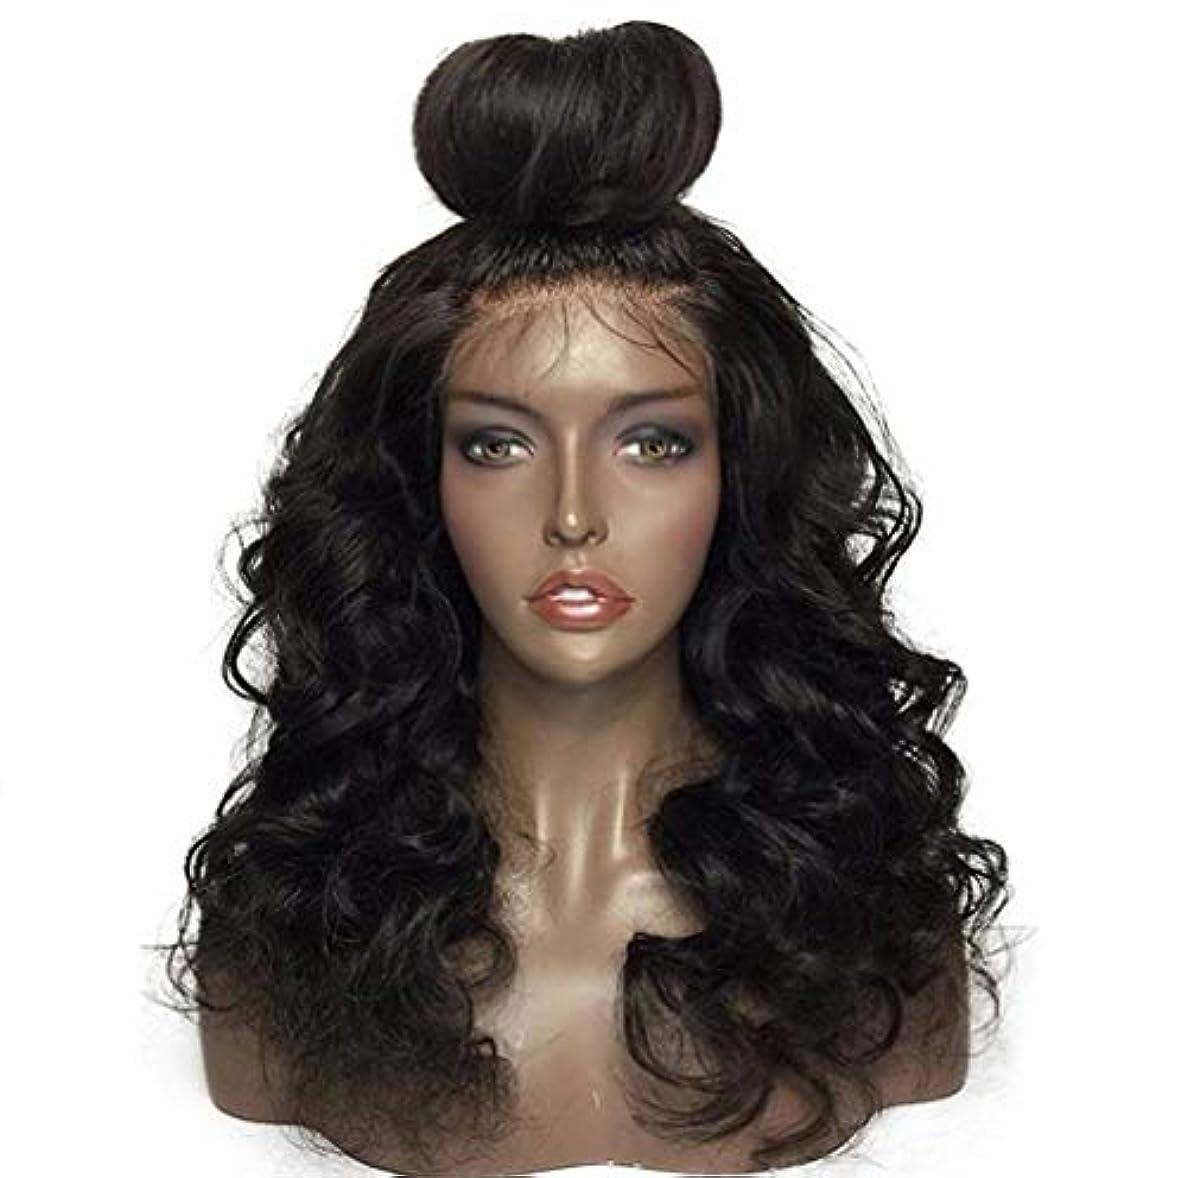 三十添付すみません女性フロントレースかつら150%密度合成ブラジルかつら耐熱耐熱巻き毛のかつら